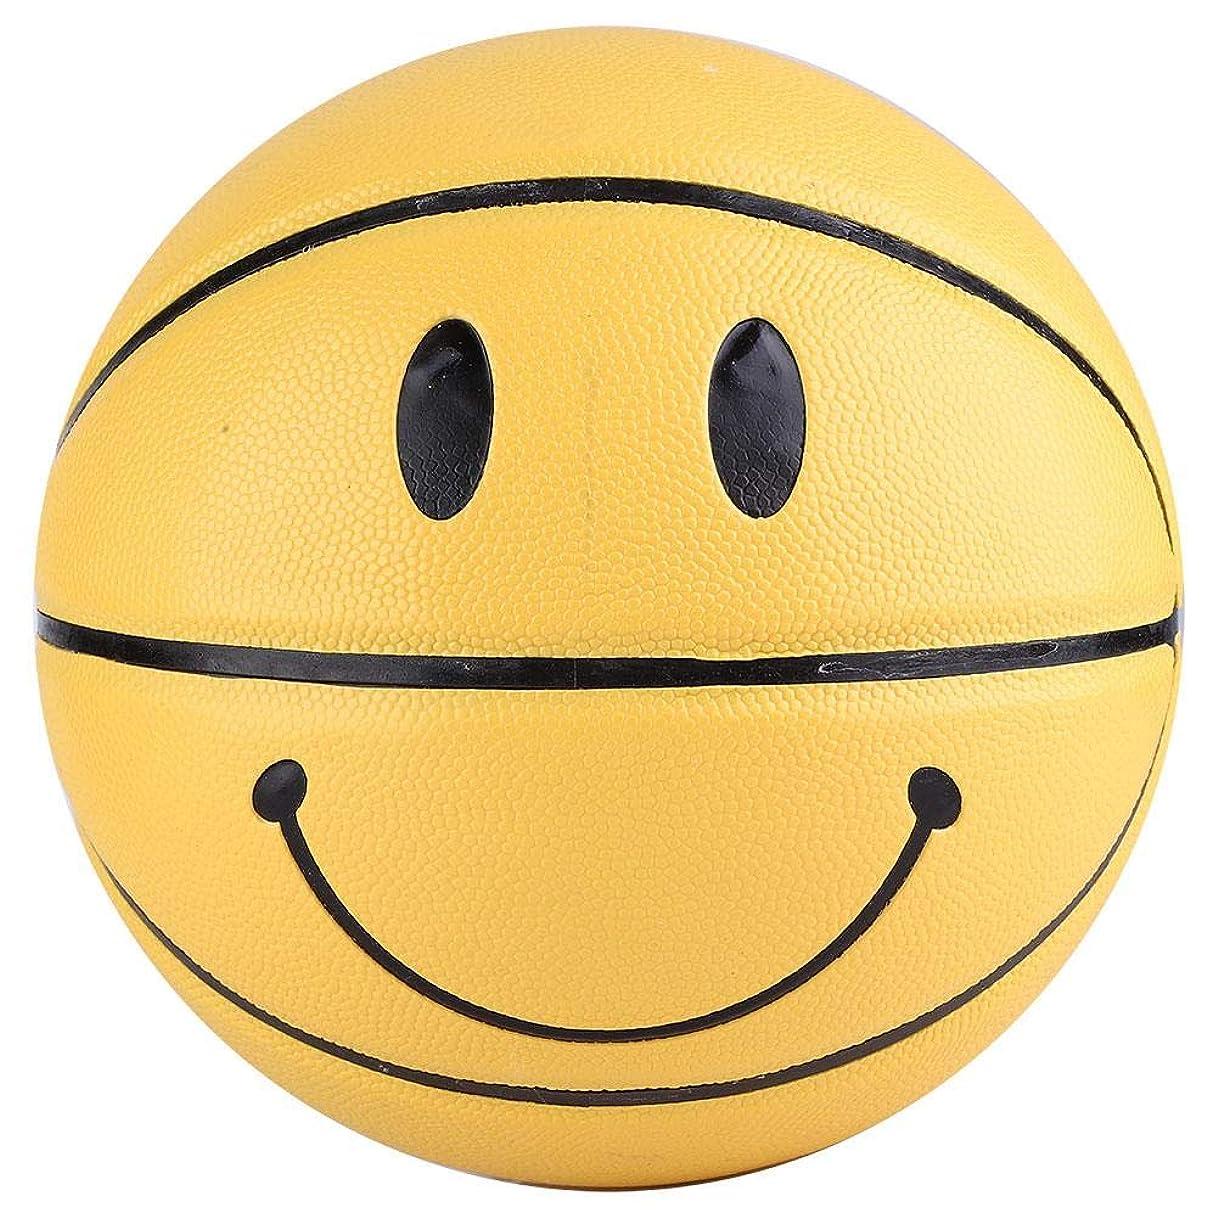 軍艦エアコン精神医学バスケットボール 5号球 高弾性 耐摩耗性 ボール 小学生用 知育学習玩具 屋内外兼用 レザーボール イエロー